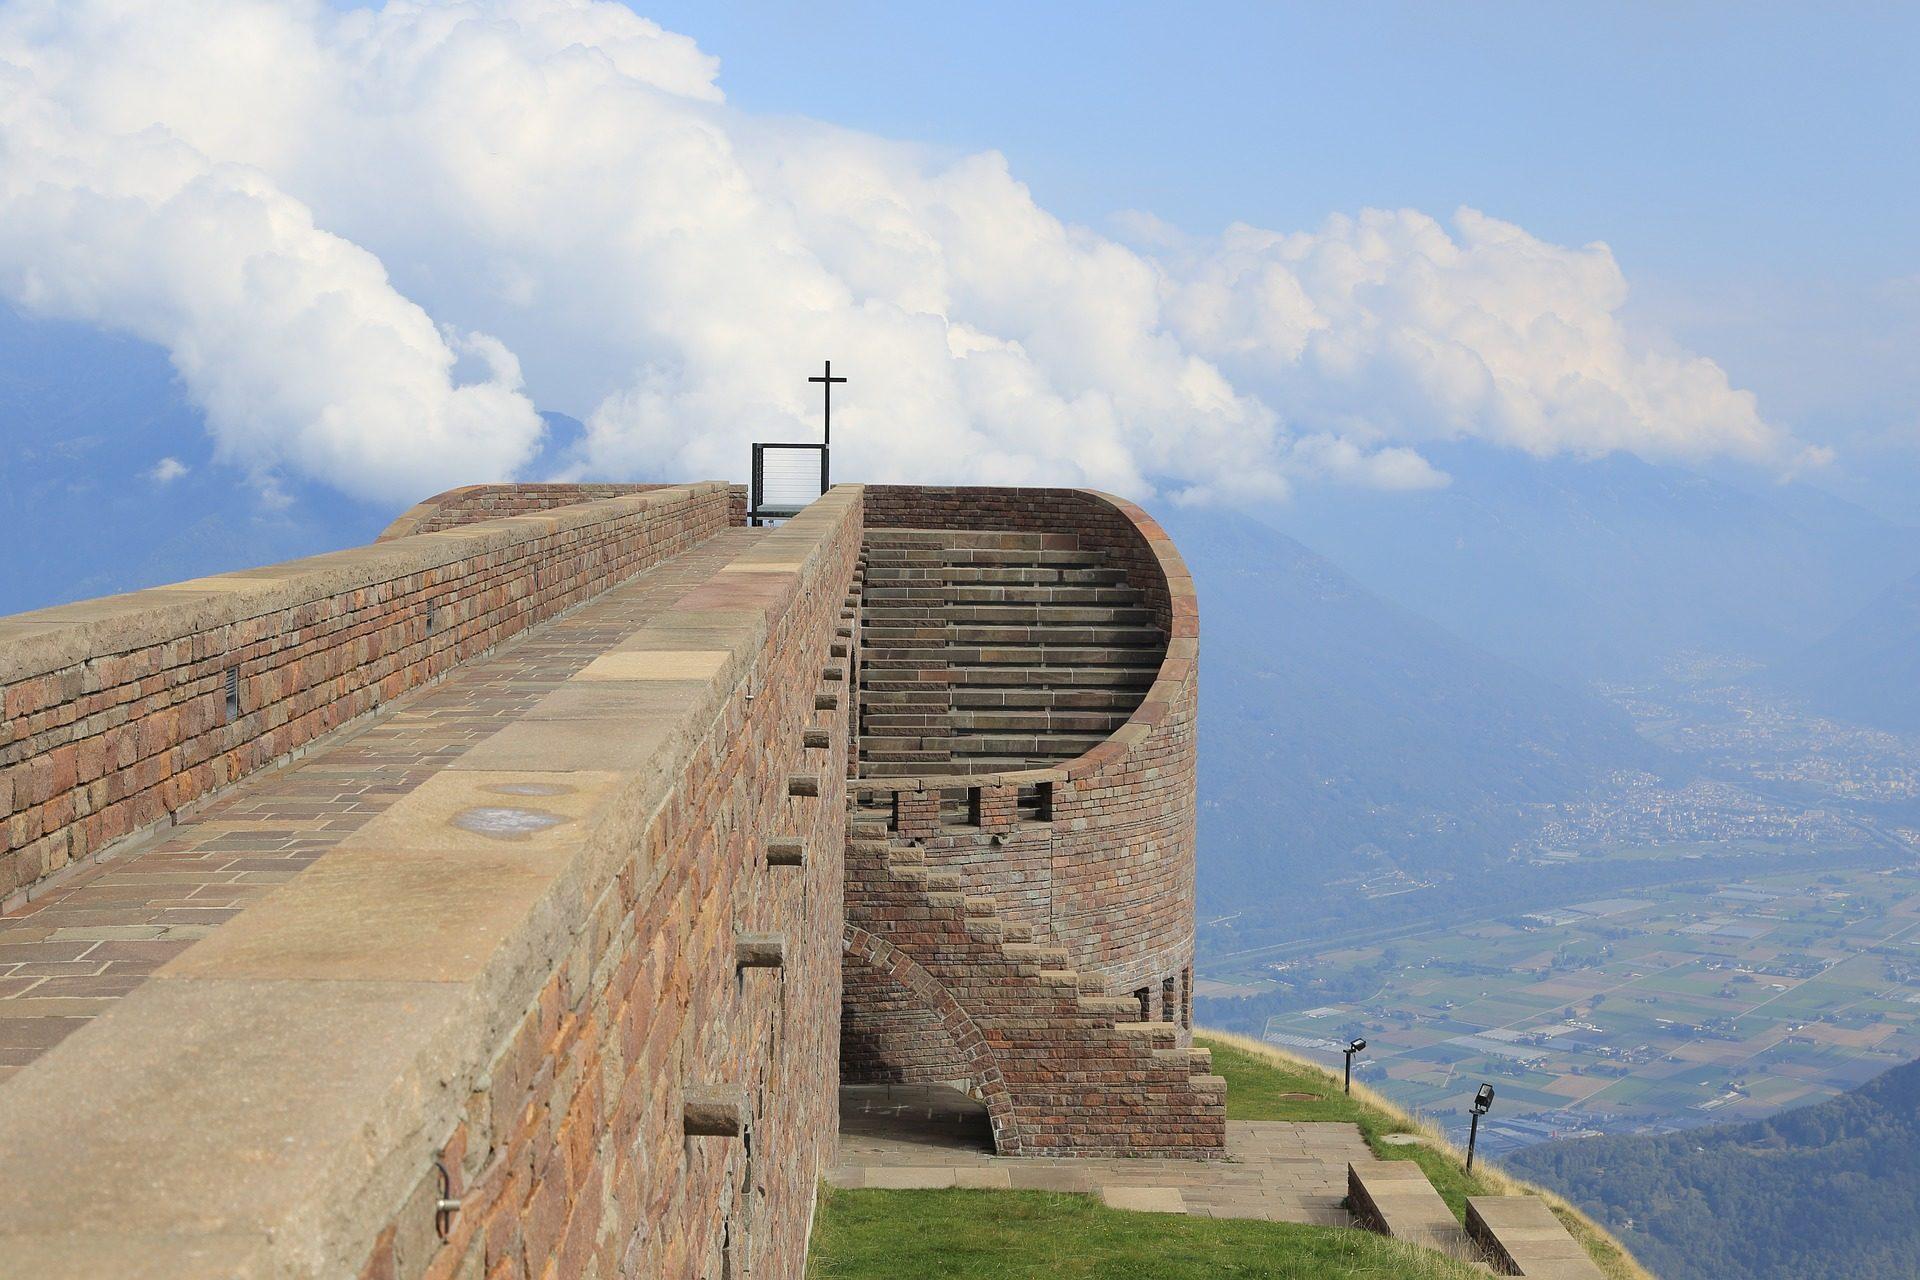 edifício, Monte, Tamaro, Igreja, arquitetura, altitude - Papéis de parede HD - Professor-falken.com